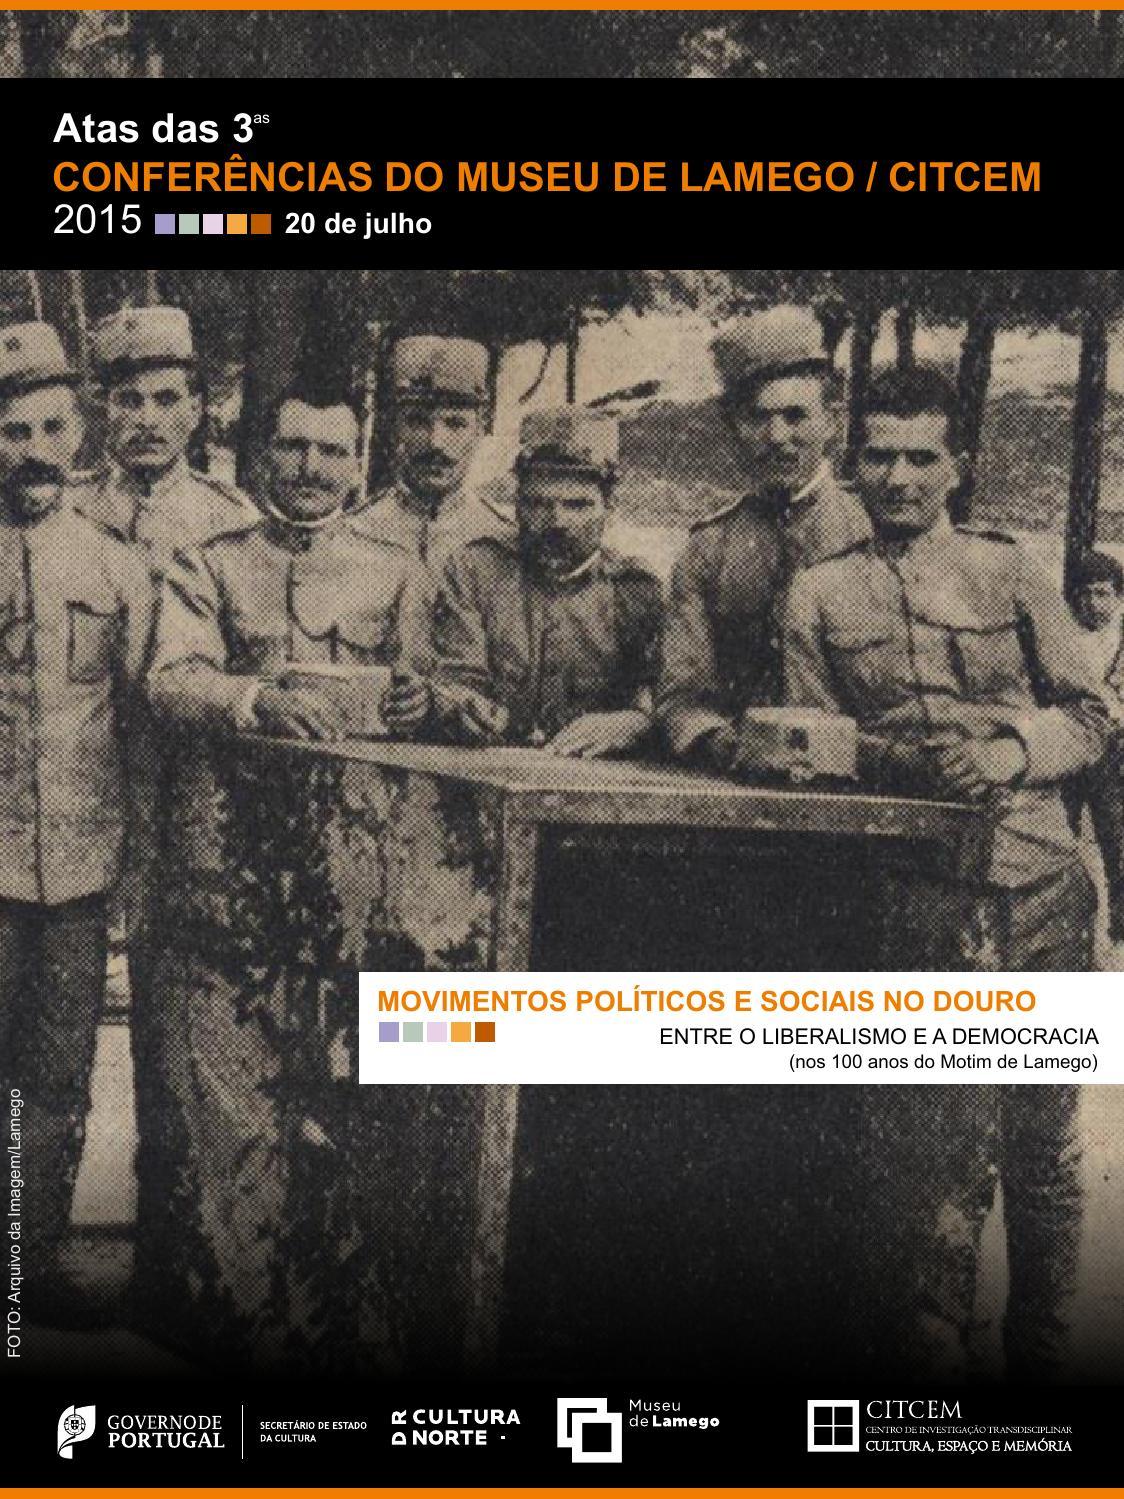 Atas das 3ªs Conferências do Museu de Lamego CITCEM by Museu de Lamego -  issuu fdb83804299a1